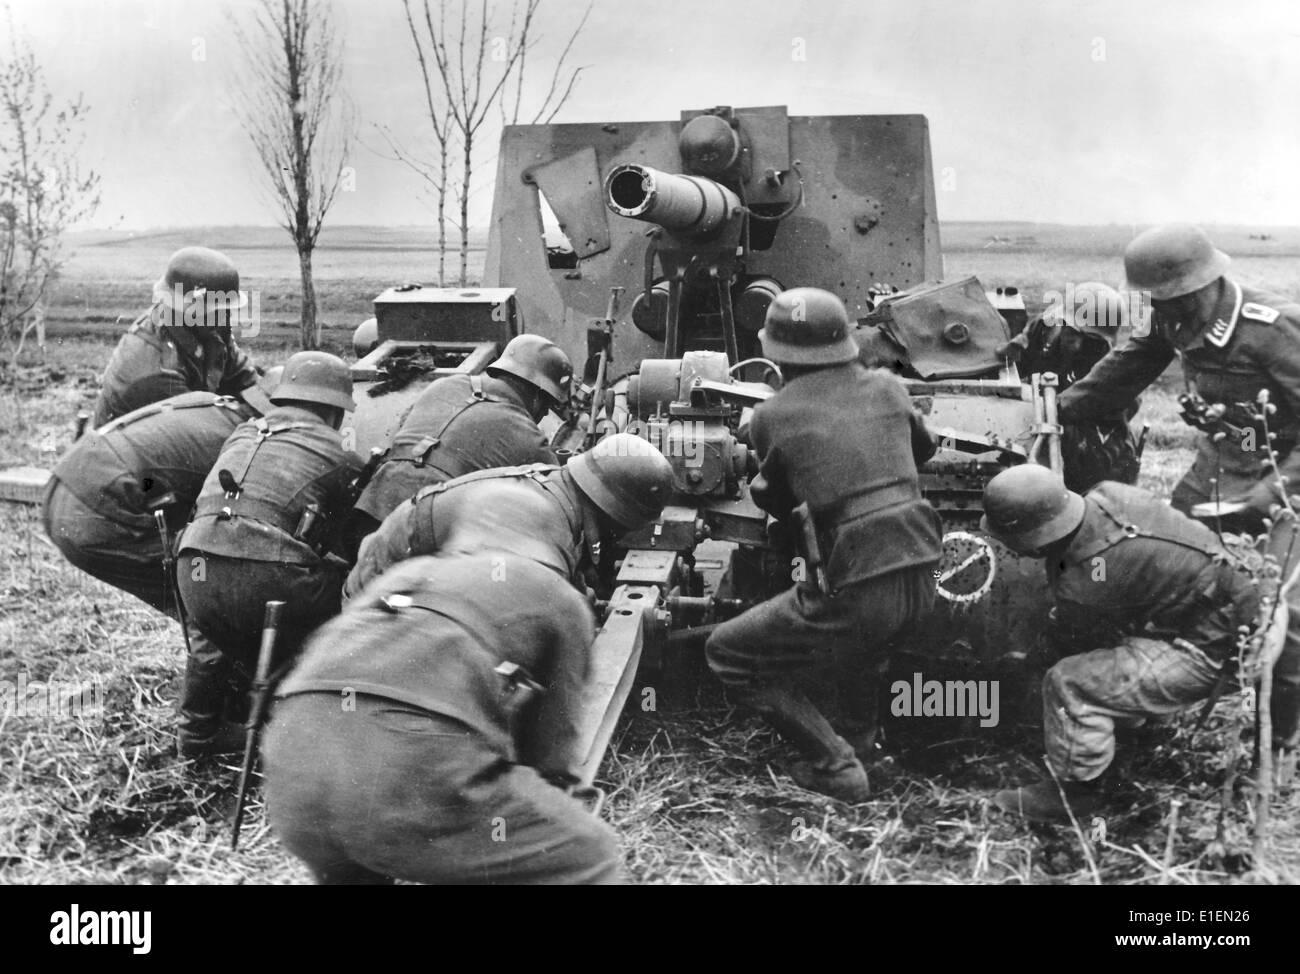 """Texto de Propaganda! Los informes de noticias de los nazis en el reverso de la fotografía: """"a partir de la gran batalla de Jarkov. La batalla de Kharkov han tomado un giro decisivo tras el inicio de la ofensiva de Timoshenko. Un rápido contraataque como un rayo rodeado de la mayoría de los tres ejércitos Soviéticos, entre ellos fuertes unidades del tanque. - Nuestra imagen de la batalla de Kharkov muestra un arma de artillería alemana, que fue unlimbered y puesto en posición en sólo unos minutos para repeler el ataque soviético."""" Fotografía tomada en el frente oriental el 26 de mayo de 1942. (Defectos en la calidad debido a la histórica imagen copiar) Foto: Berliner Ver Foto de stock"""